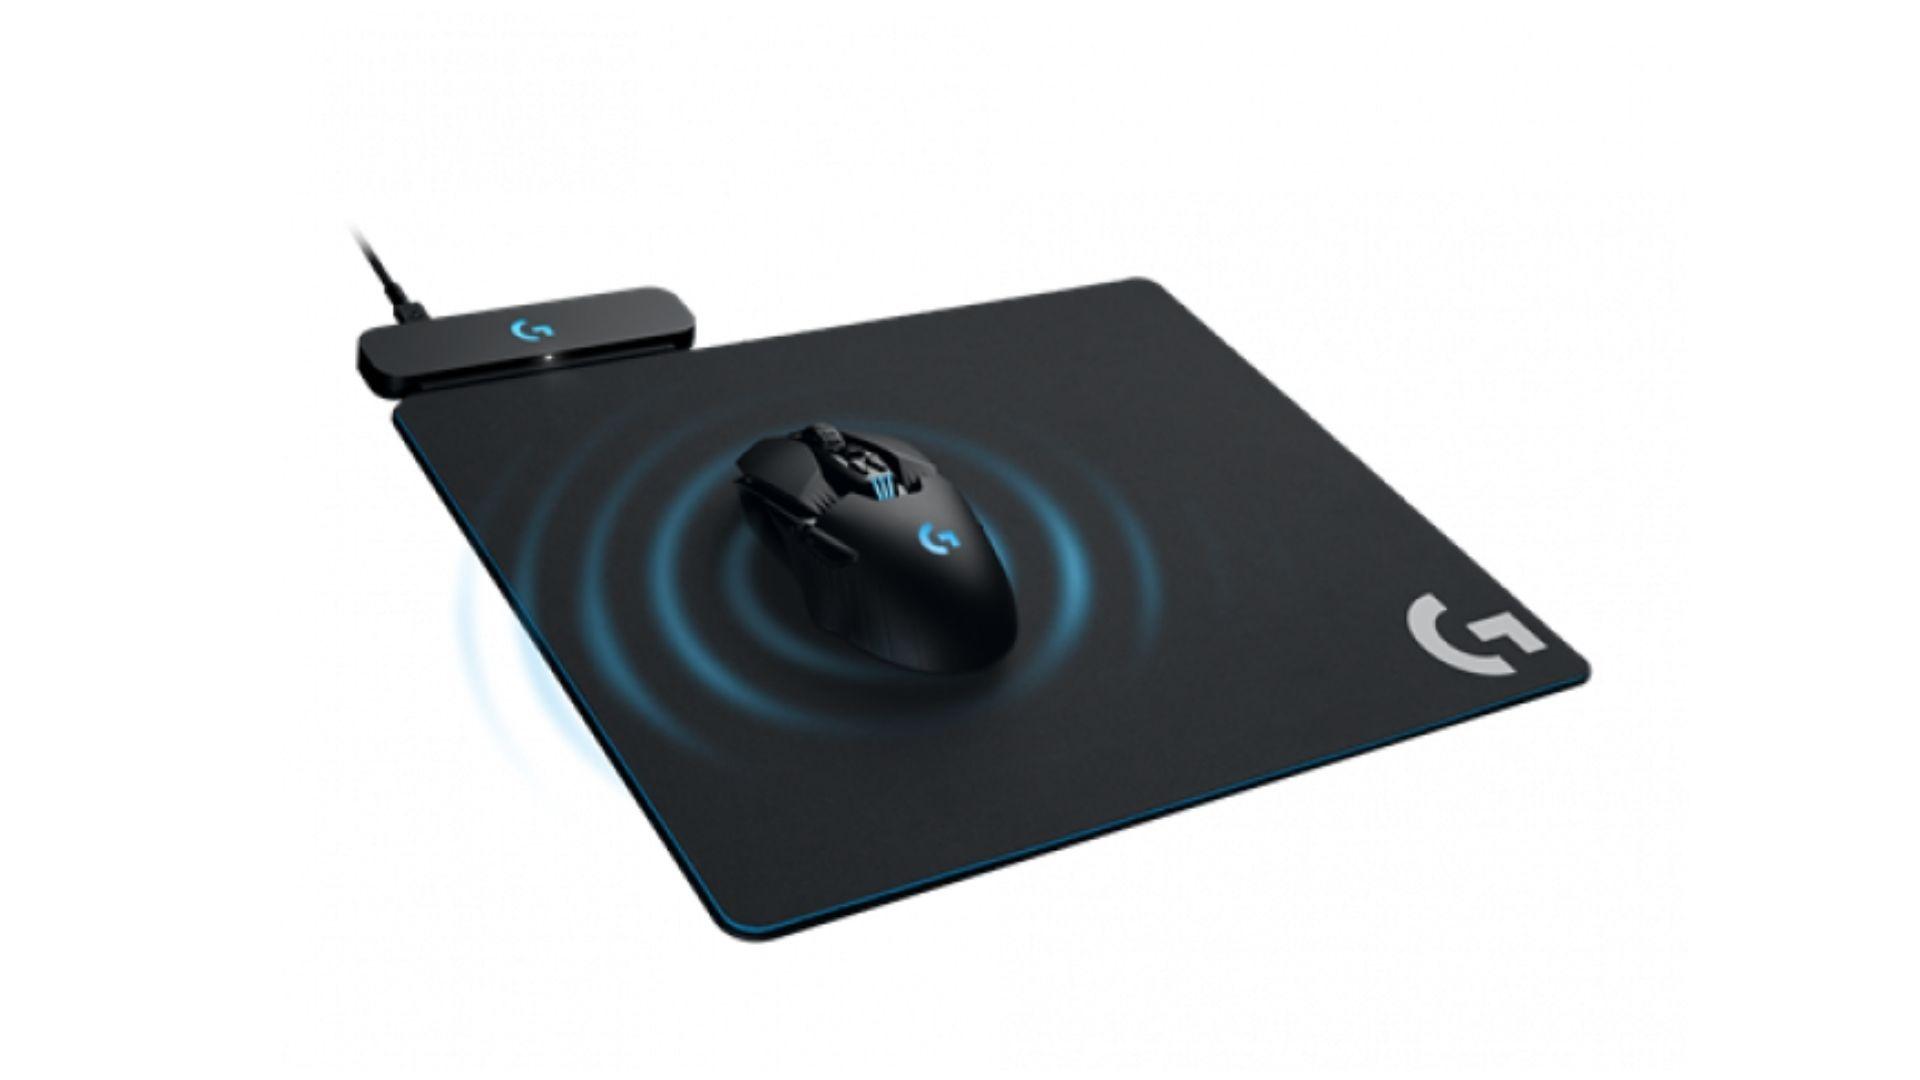 A tecnologia PowerPlay em mousepads da Logitech é capaz de carregar mouses sem fio enquanto deslizam, efetivamente garantindo que a bateria não vai acabar durante a jogatina (Divulgação: Logitech)